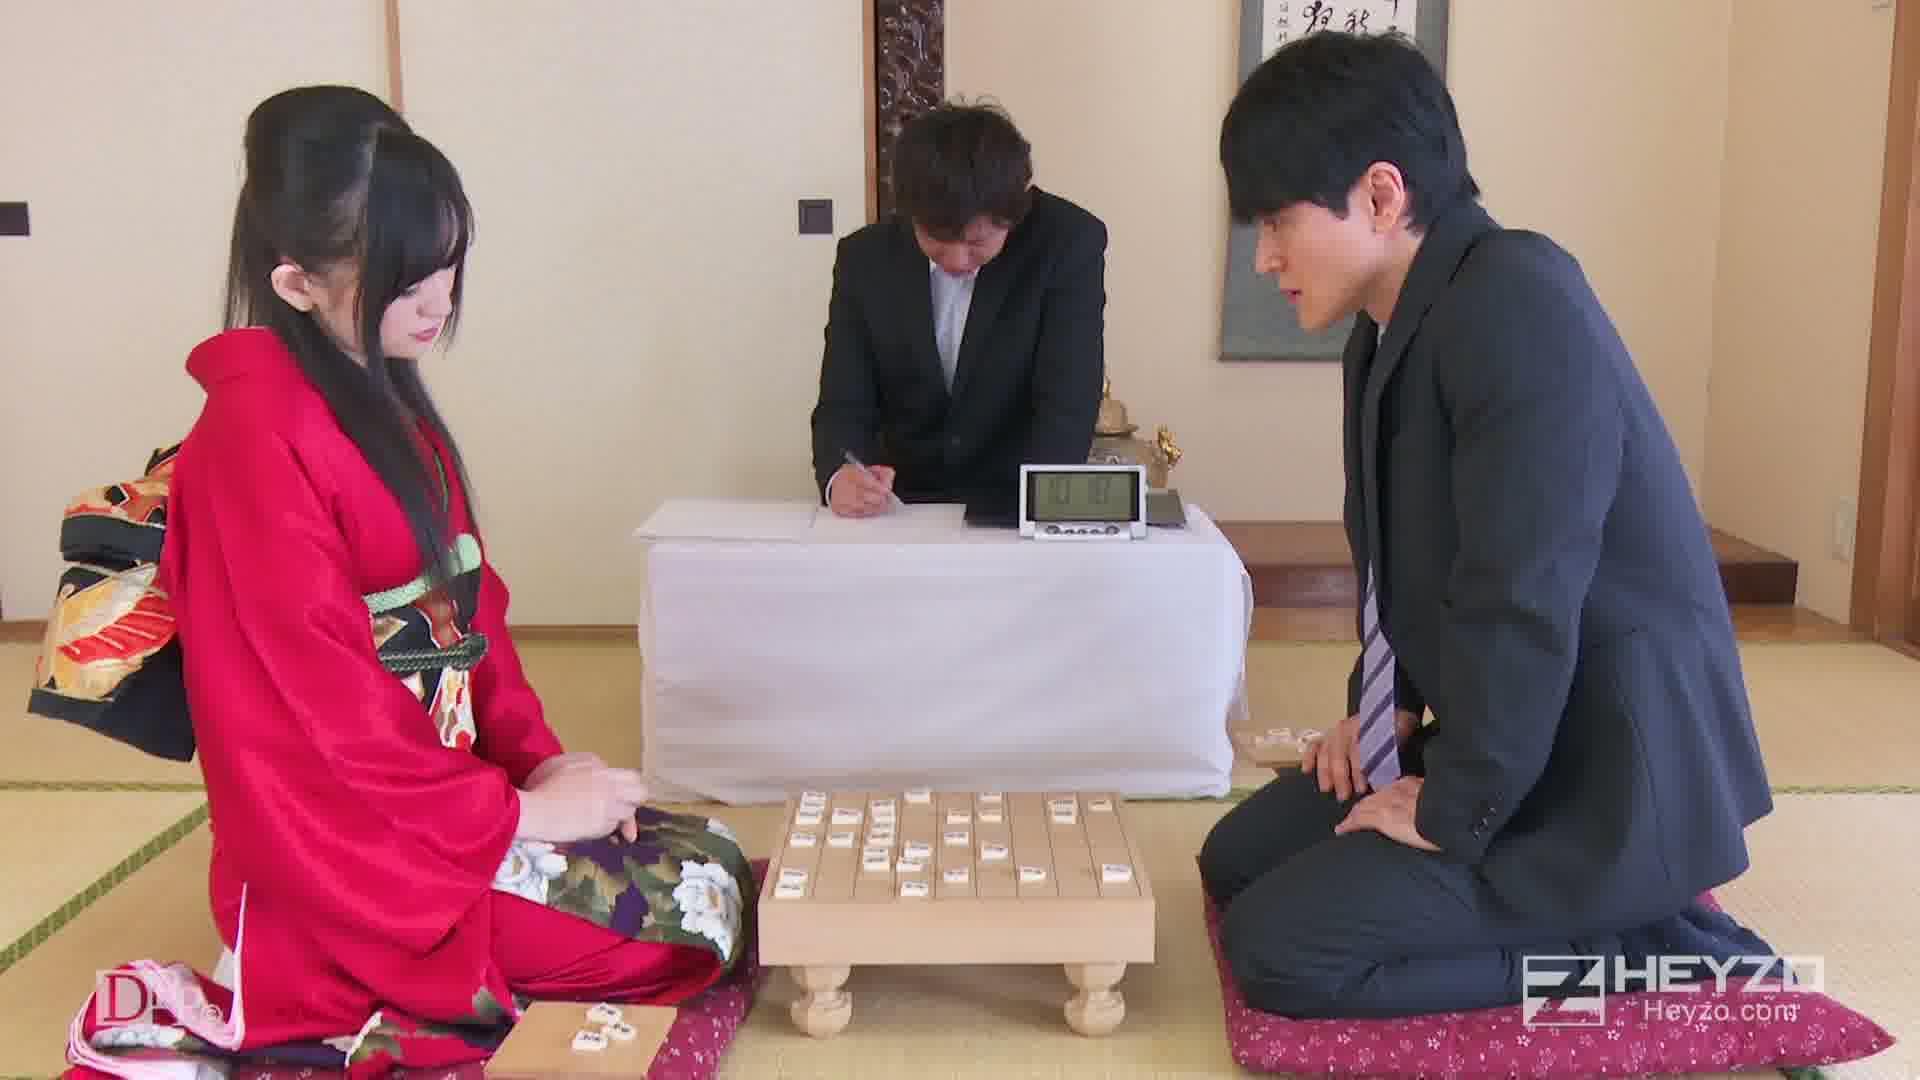 勝負に勝ったら私をアゲル!巨乳すぎる女棋士 - 小嶋ひより【おっぱい 指マン 】